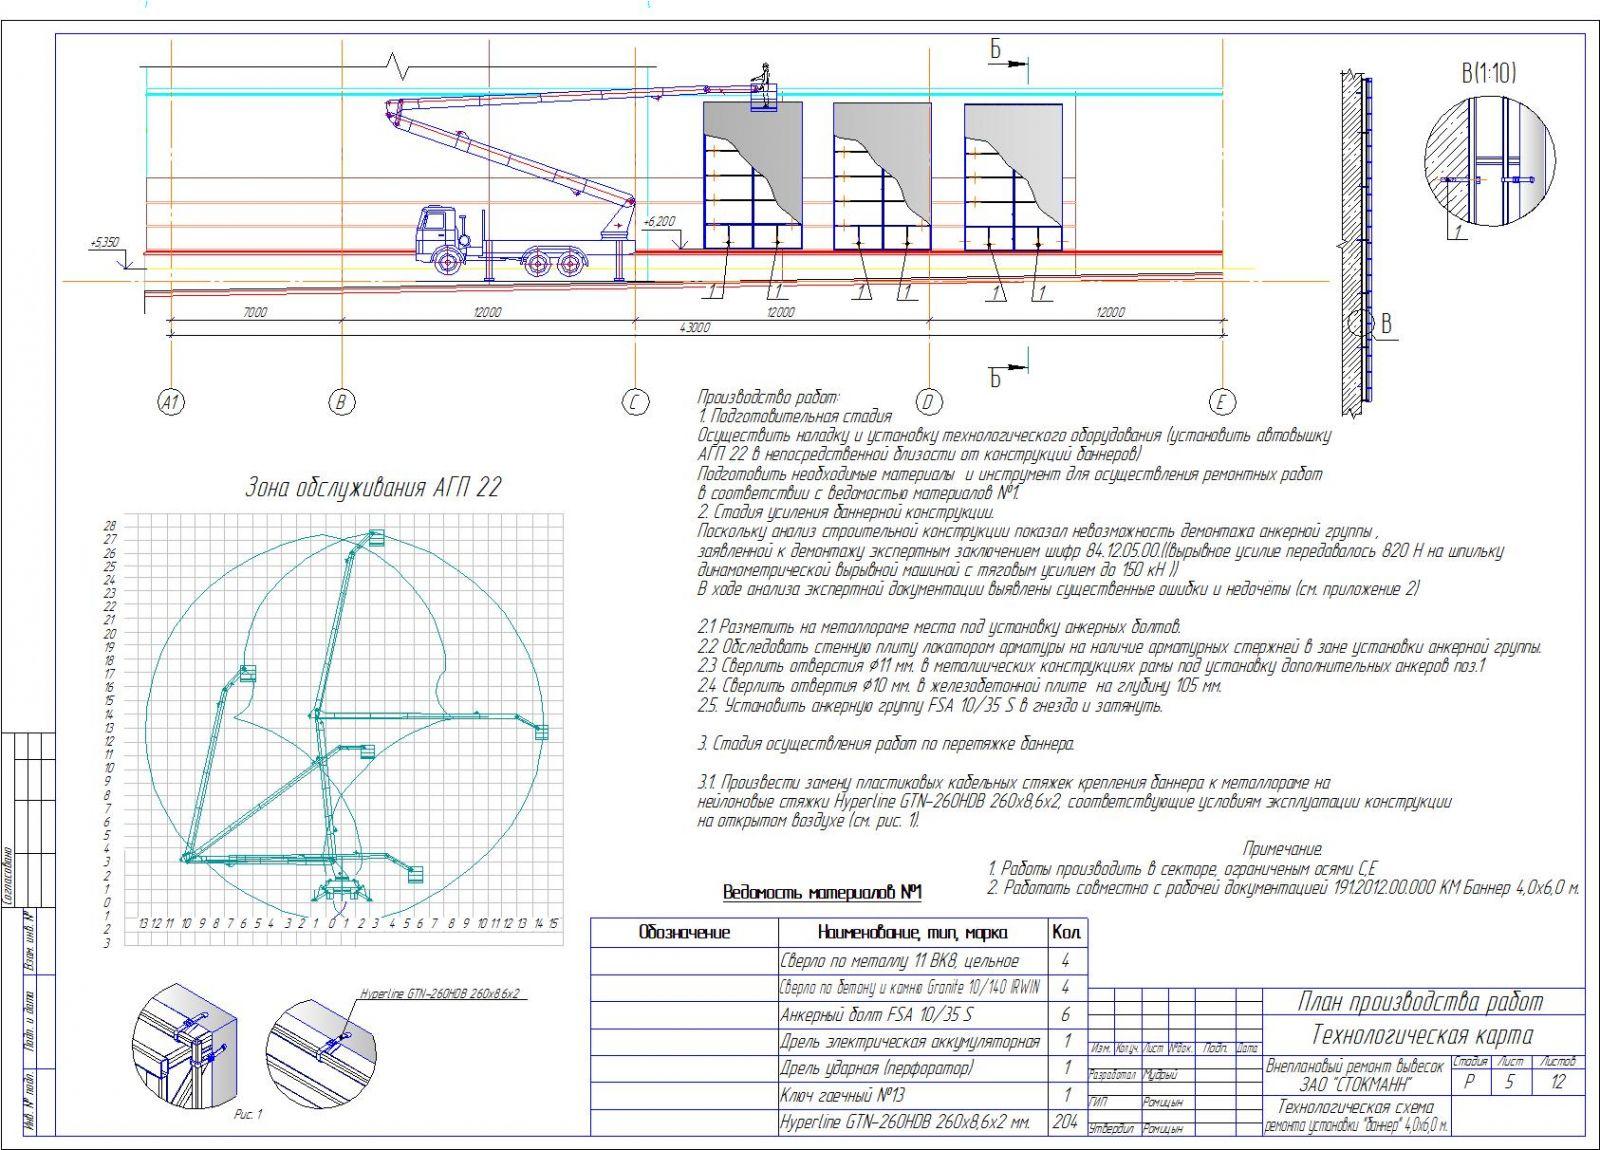 Как сделать график ппр по электрооборудованию6